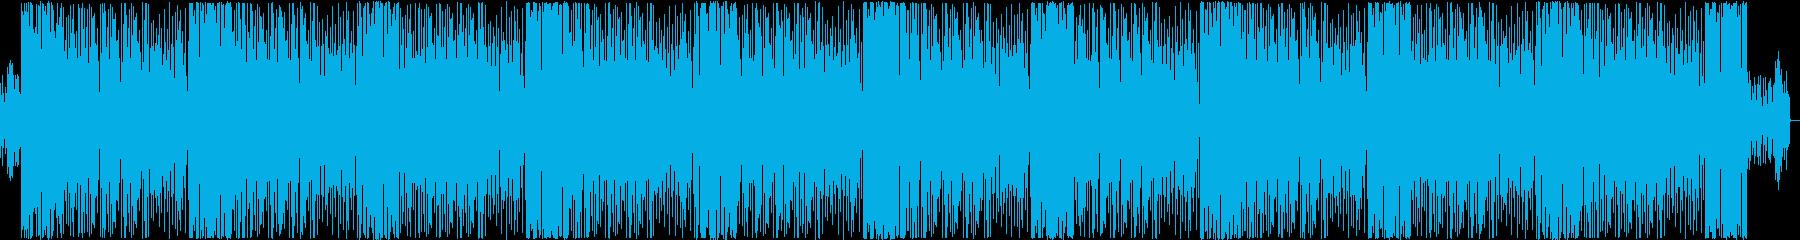 軽めのヨガやトレーニング用BGM12分の再生済みの波形